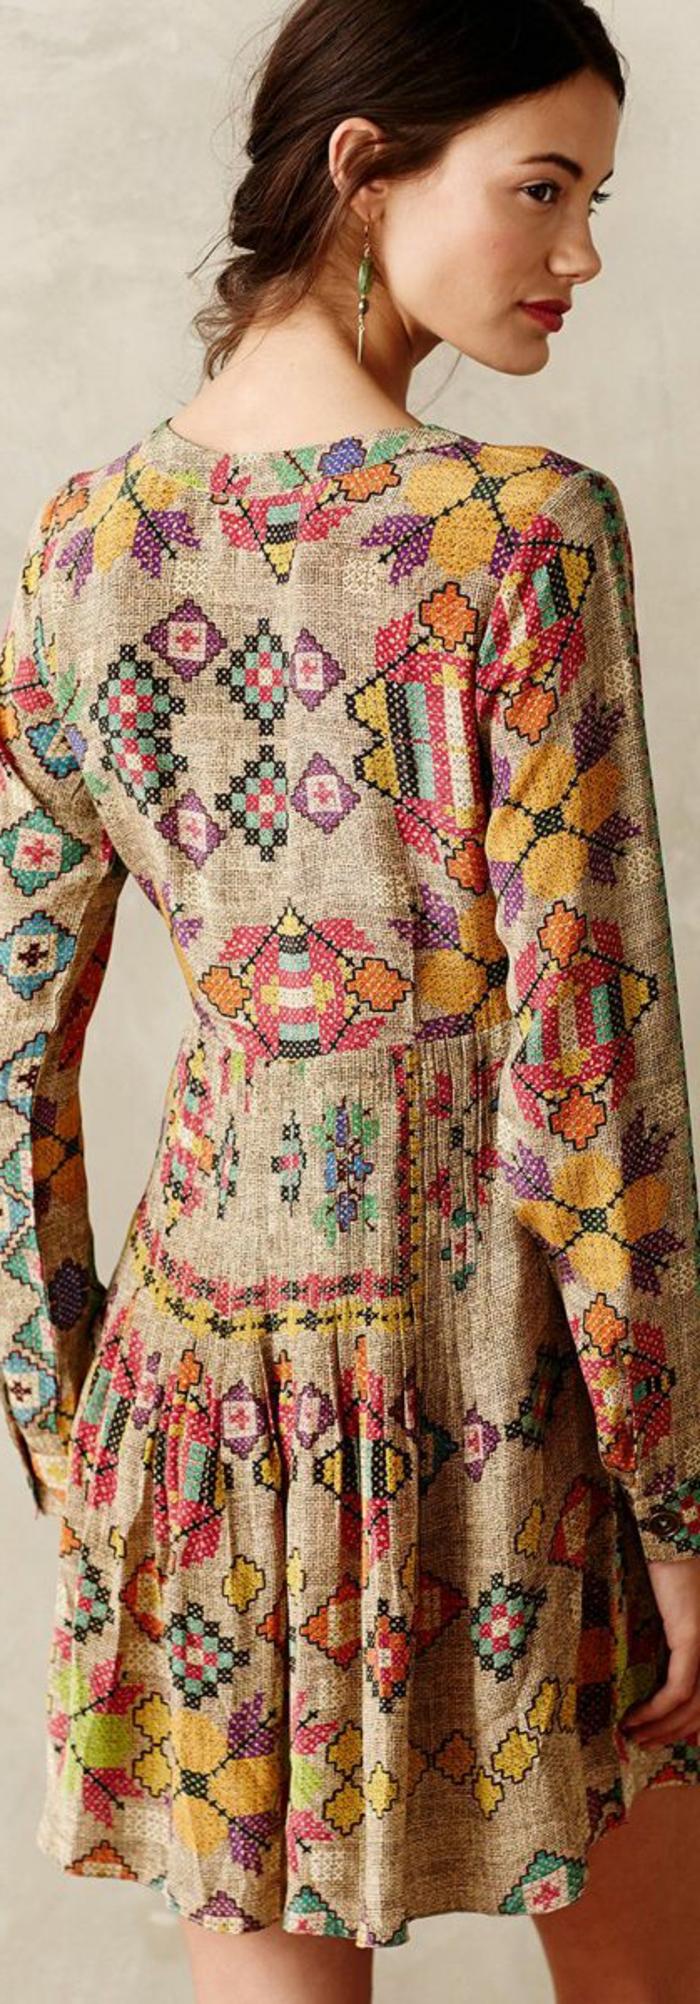 robe imprimée ethnique, robe style ethnique, matière naturelle, imprimés patterns géométriques